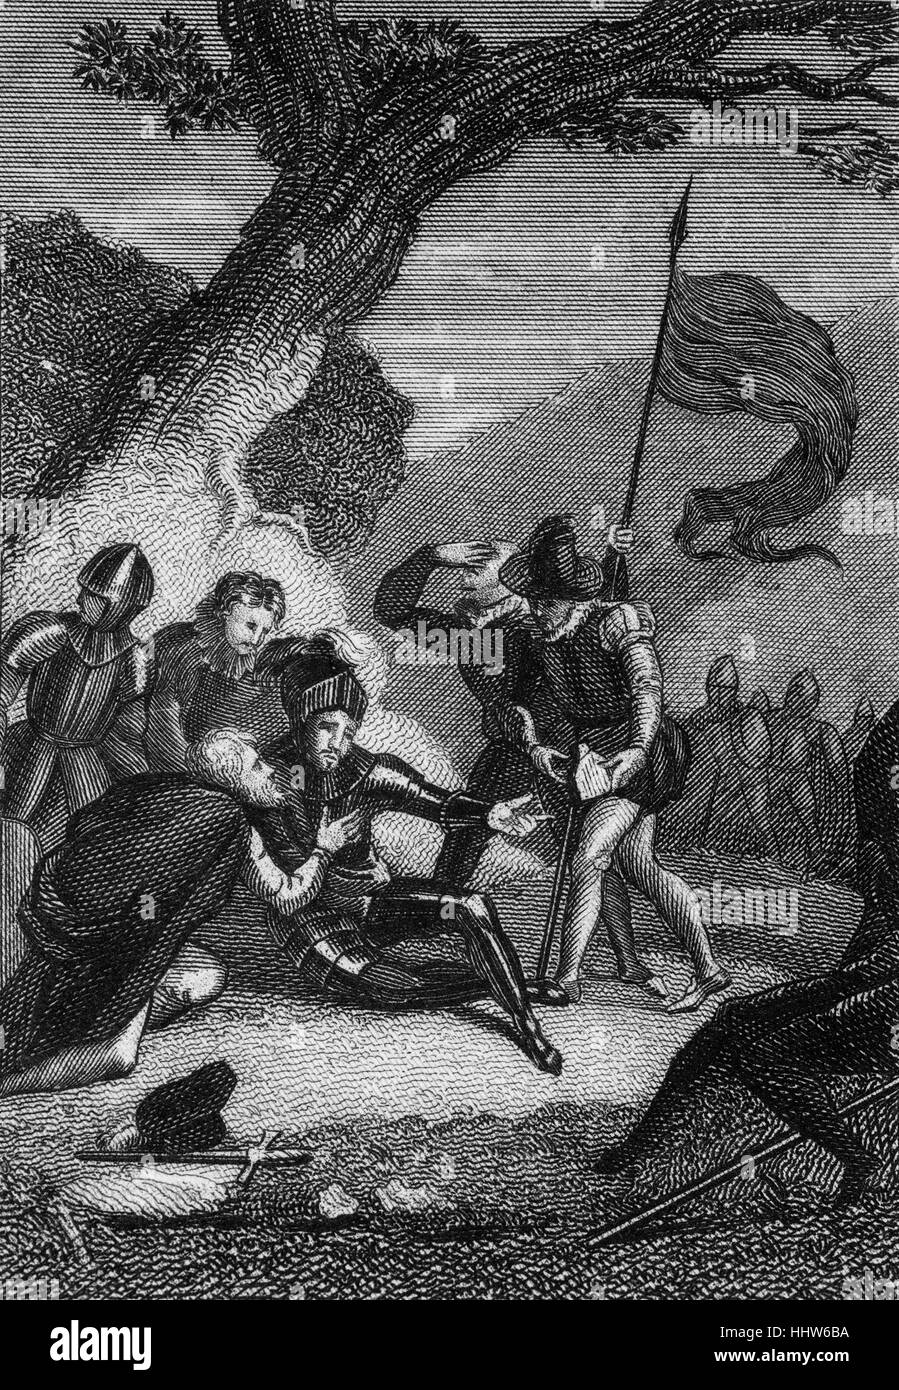 Sir Philip Sidney (1554-1586) war ein englischer Dichter, Höfling, Gelehrter und Soldat, der als einer der Stockbild